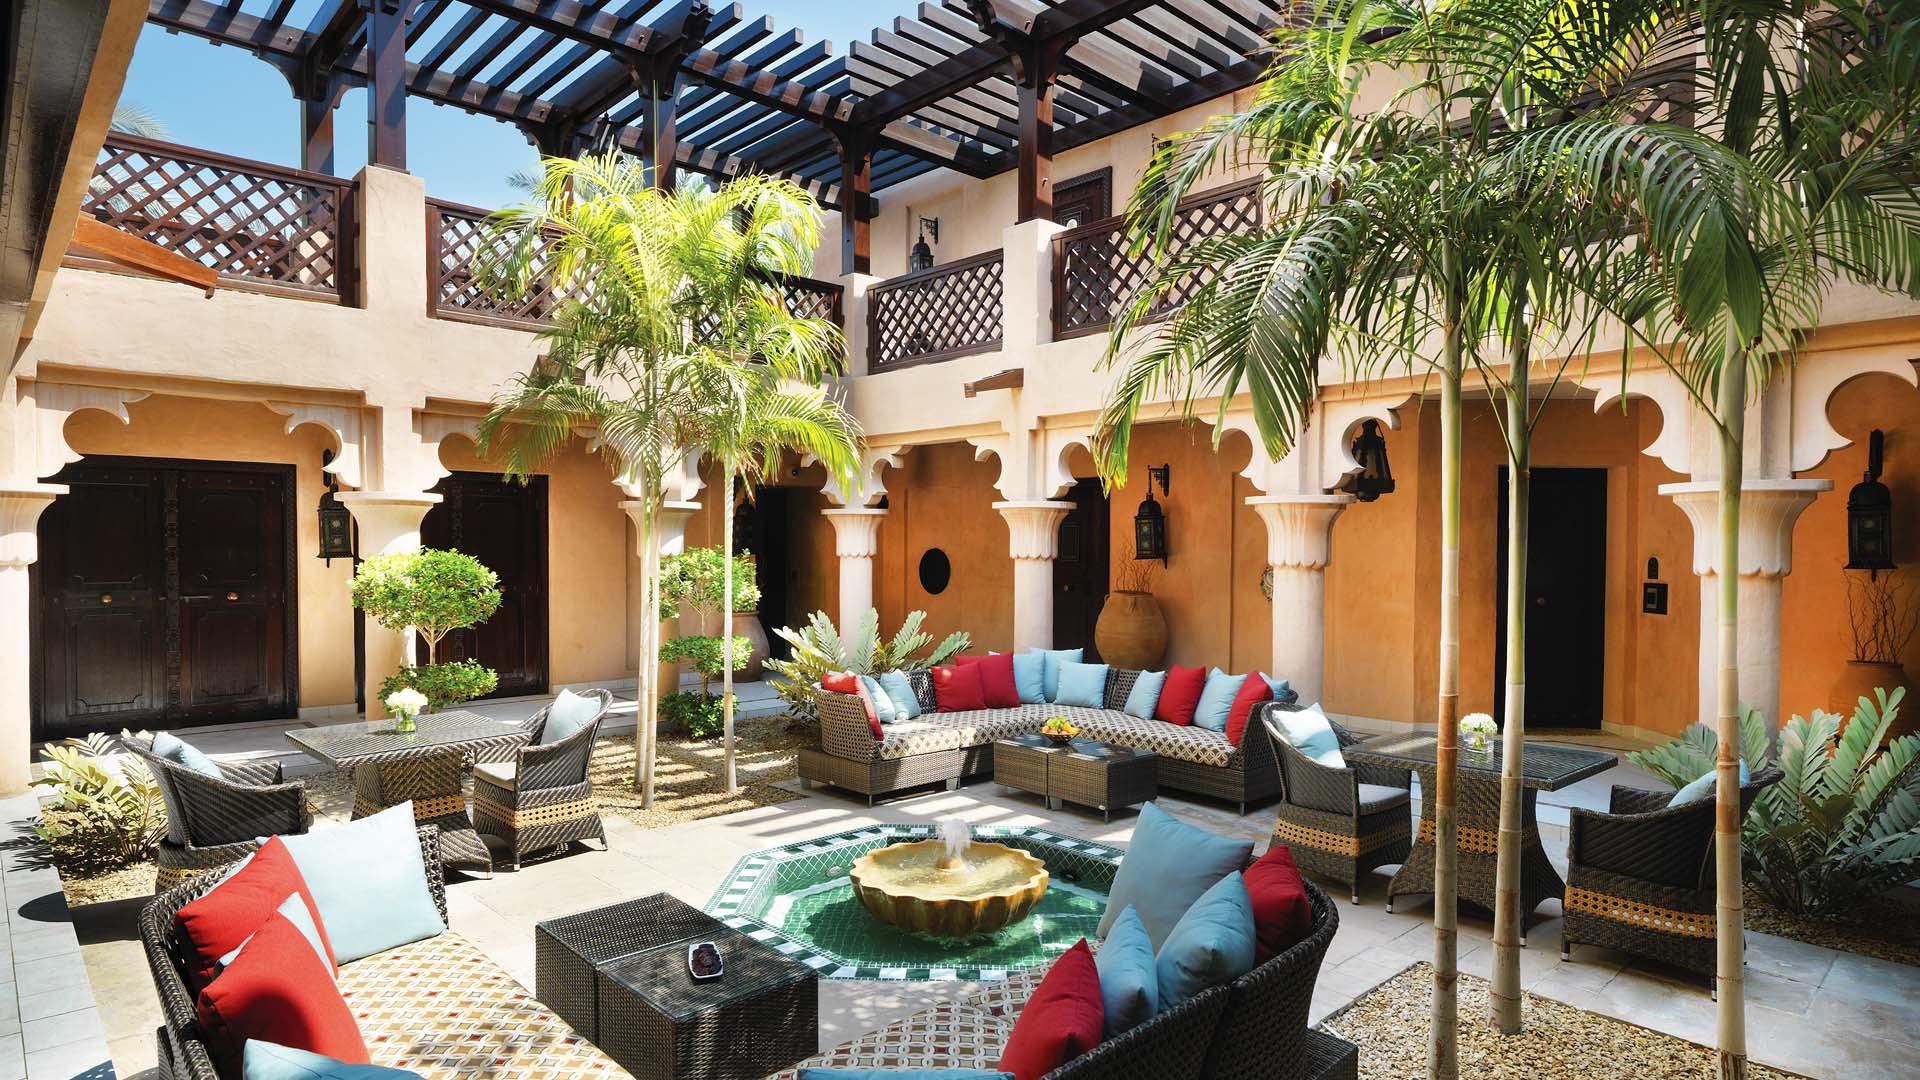 Елегантні, просторі номери із внутрішніми двориками, які розташовані серед тихих садів, каналів і ексклюзивних басейнів неподалік від приватного пляжу курорту Madinat Jumeirah.